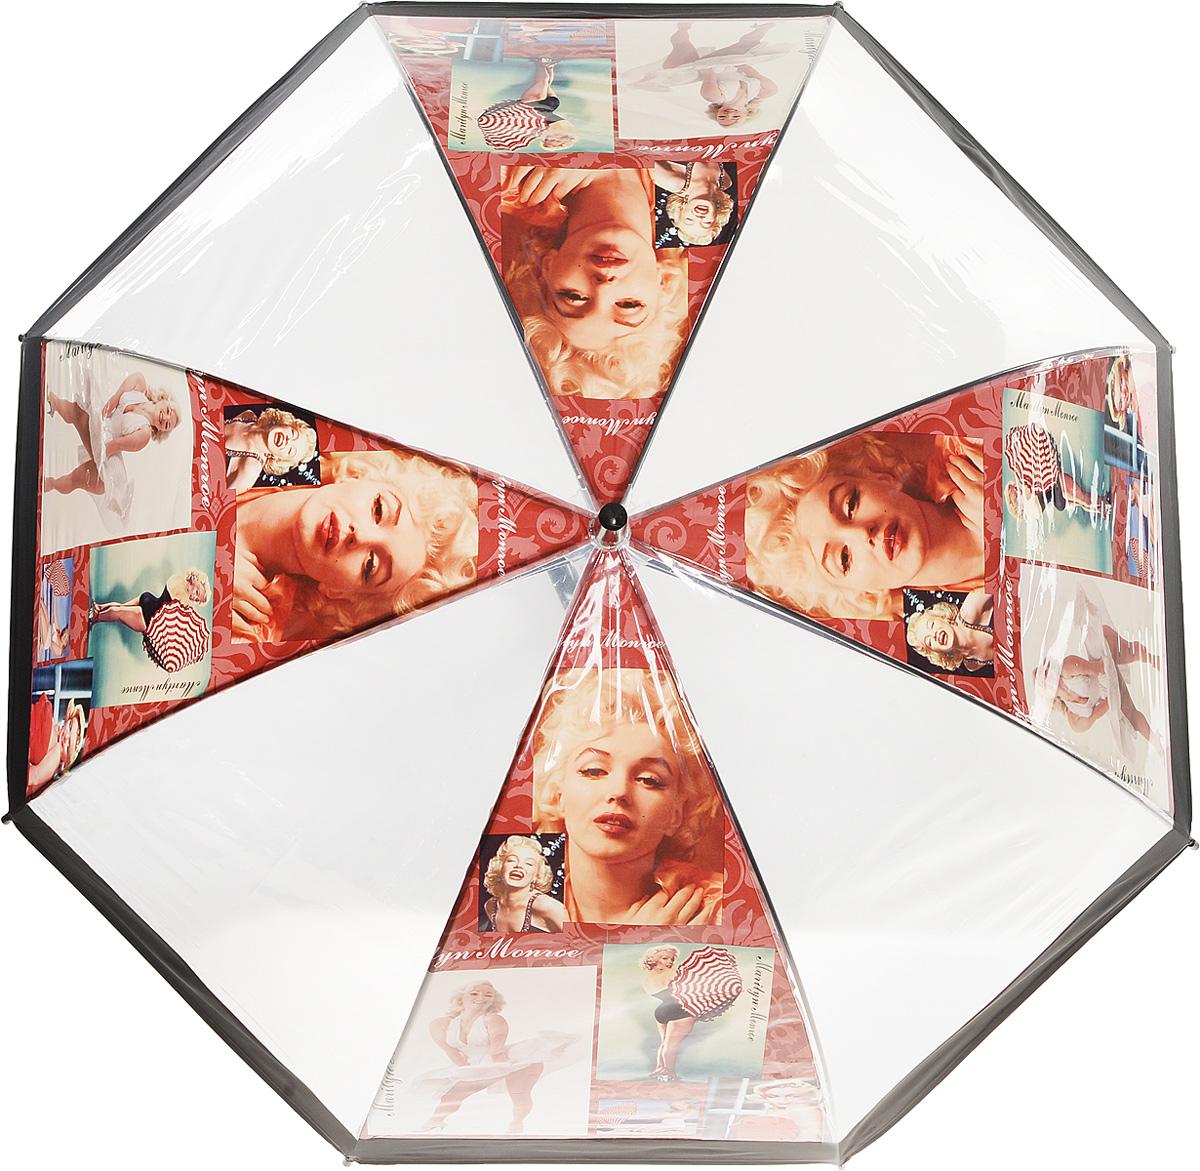 Зонт женский Kawaii Factory Vintage Marilyn, цвет: прозрачный. KW042-000165KW042-000165Элегантный прозрачный зонт-трость Vintage Marilyn от Kawaii Factory с изображением легендарной красавицы Мерлин Монро и глубоким куполом позволит вам выглядеть стильно в ненастную погоду. Зонт состоит из стержня и 8 спиц, изготовленных из металла. Купол изготовлен из качественного ПВХ, который надежно защитит вас от дождя. Зонт дополнен удобной ручкой из пластика, которая выполнена в виде крючка. Также зонт имеет пластиковый наконечник, который устраняет попадание воды на стержень и уберегает зонт от повреждений. Изделие имеет полуавтоматический механизм сложения: купол открывается нажатием кнопки на ручке, а складывается вручную до характерного щелчка. Зонт закрывается хлястиком на кнопку. Зонт Vintage Marilyn - лучшее украшение не только для яркой блондинки, жгучей брюнетке он также придется по вкусу. Каждая модница с таким аксессуаром будет привлекать восторженные взгляды окружающих.